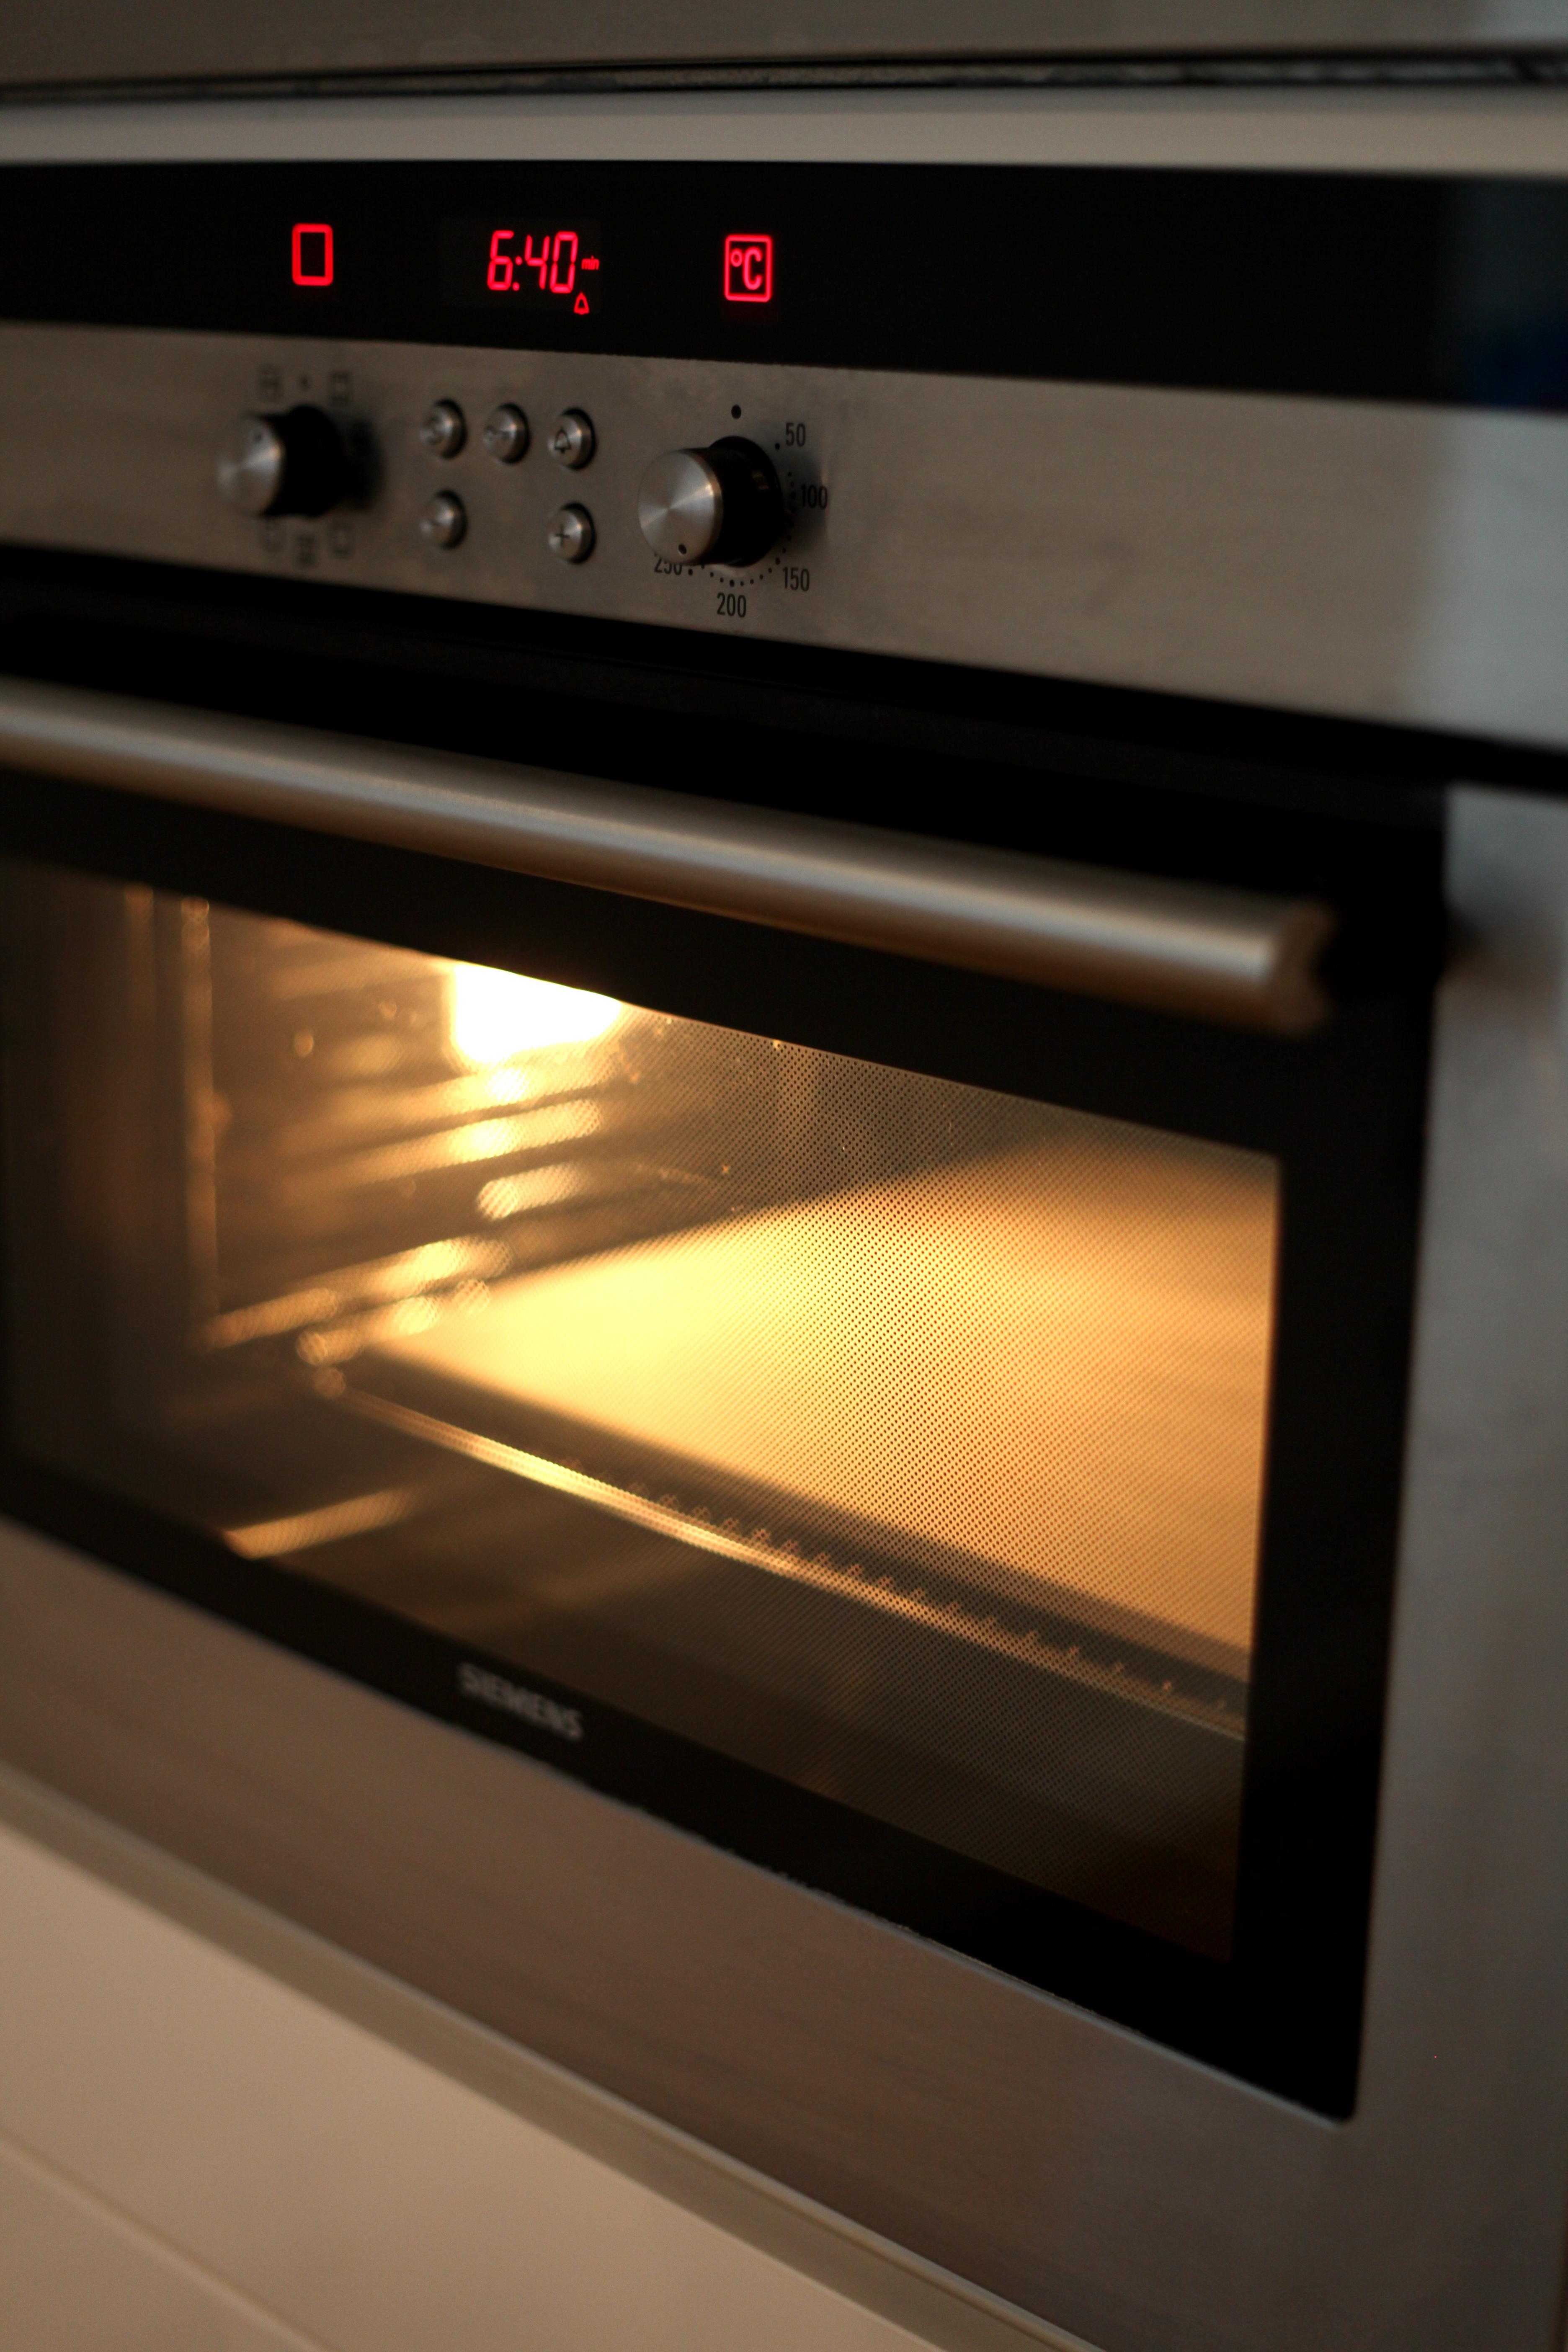 Otg Microwave Oven Wiki Bruin Blog